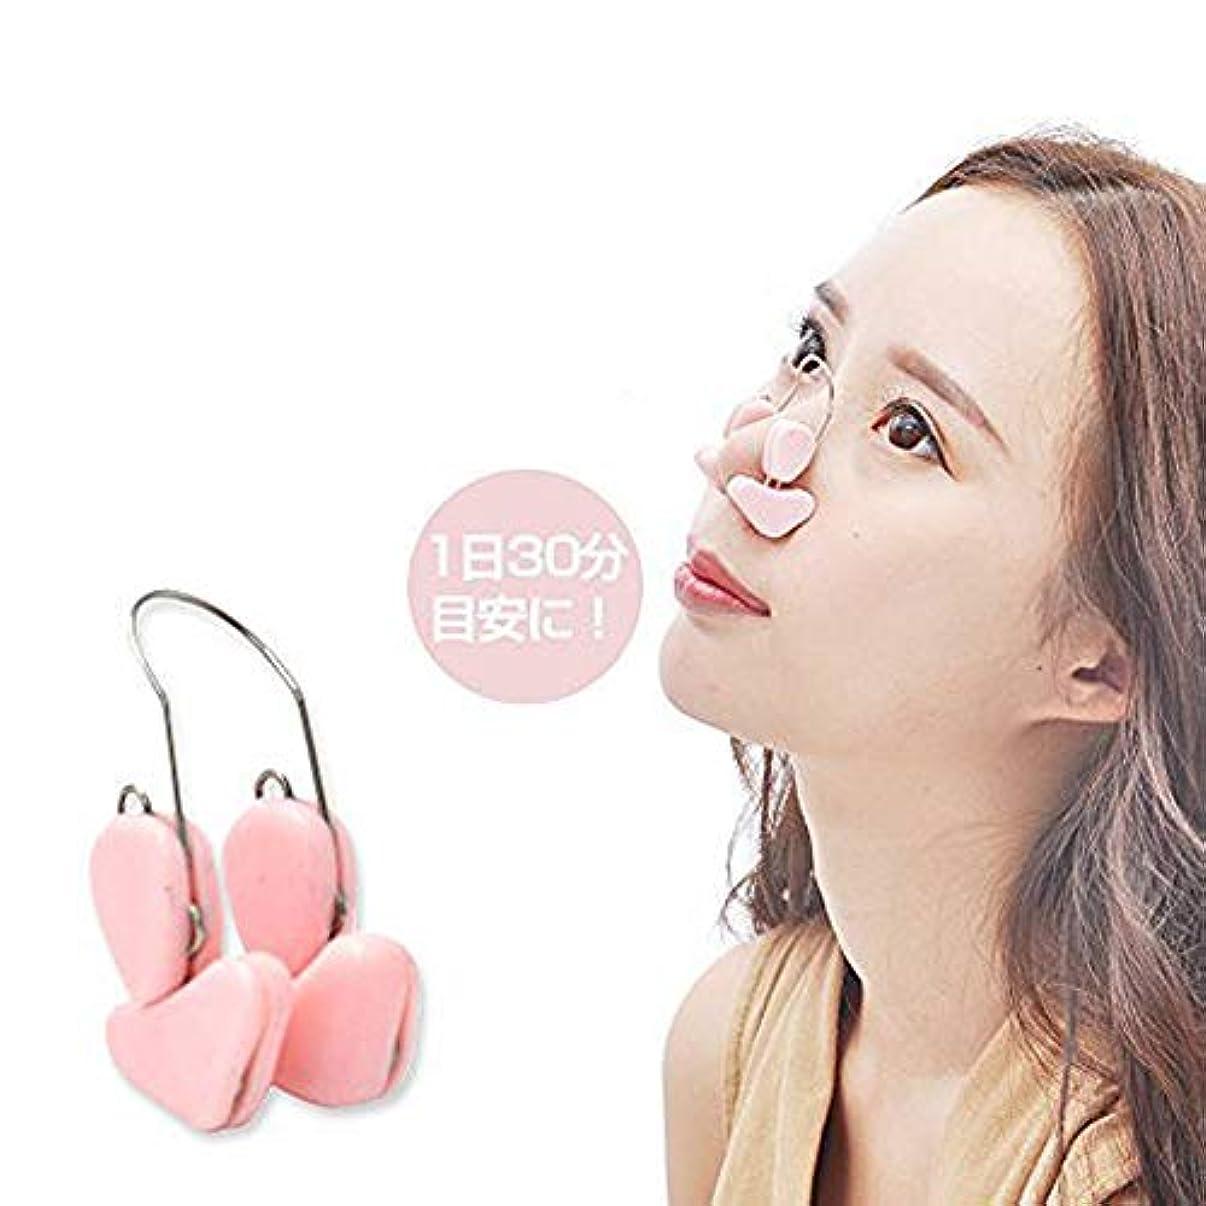 反対に貨物メロディーノーズクリップ 鼻 高く 鼻矯正 鼻プチ ノーズピン 矯正 鼻を高くする 鼻筋セレブ ノーズパッド シンクロ だんご鼻